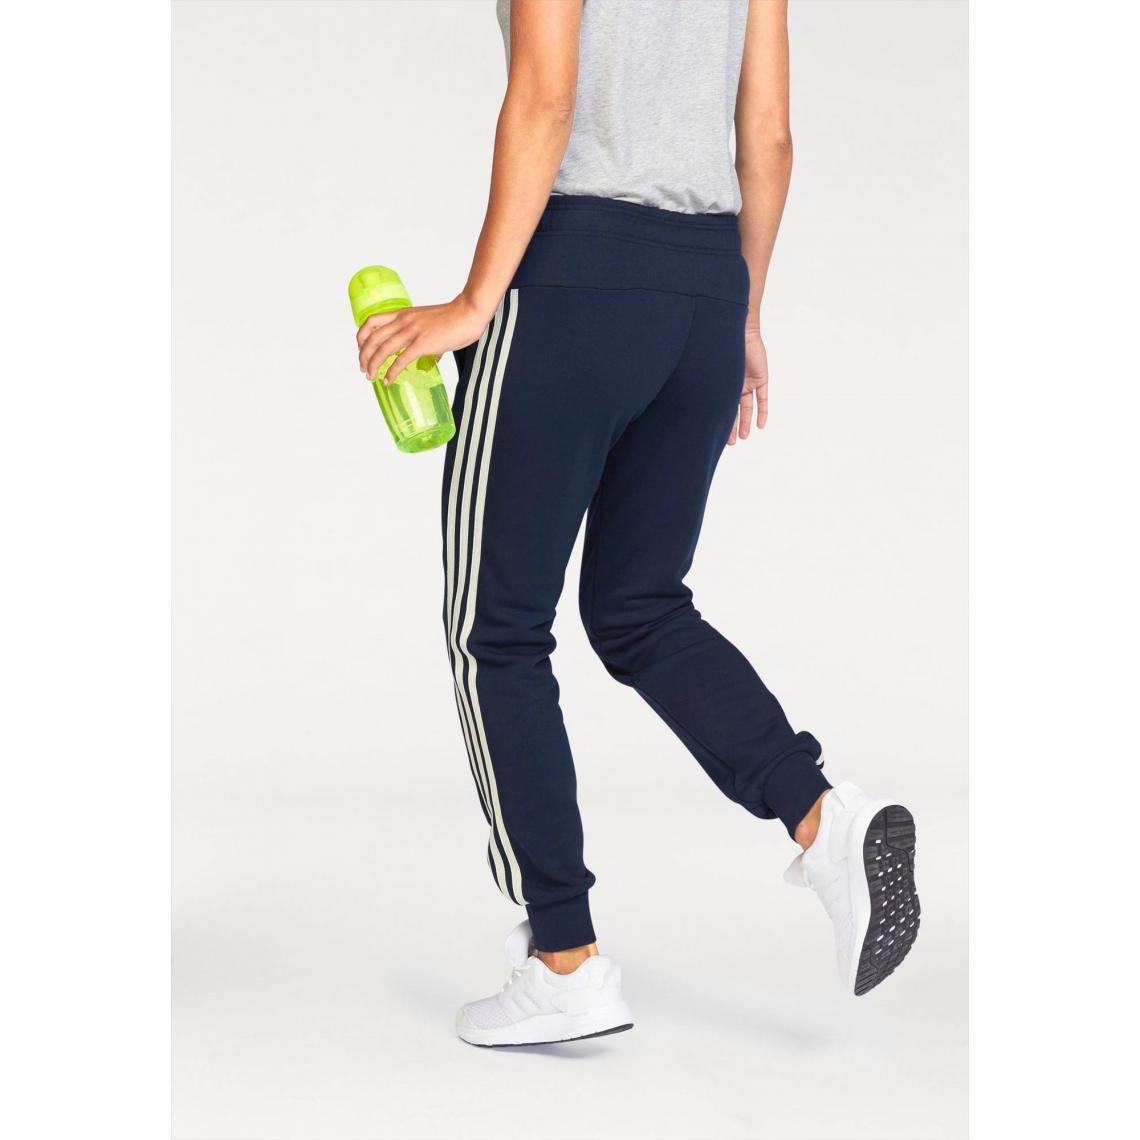 Pantalons de sport femme Adidas Performance Cliquez l image pour  l agrandir. Jogging adidas Performance Essential 3S pant cuffed ... b0879117d15